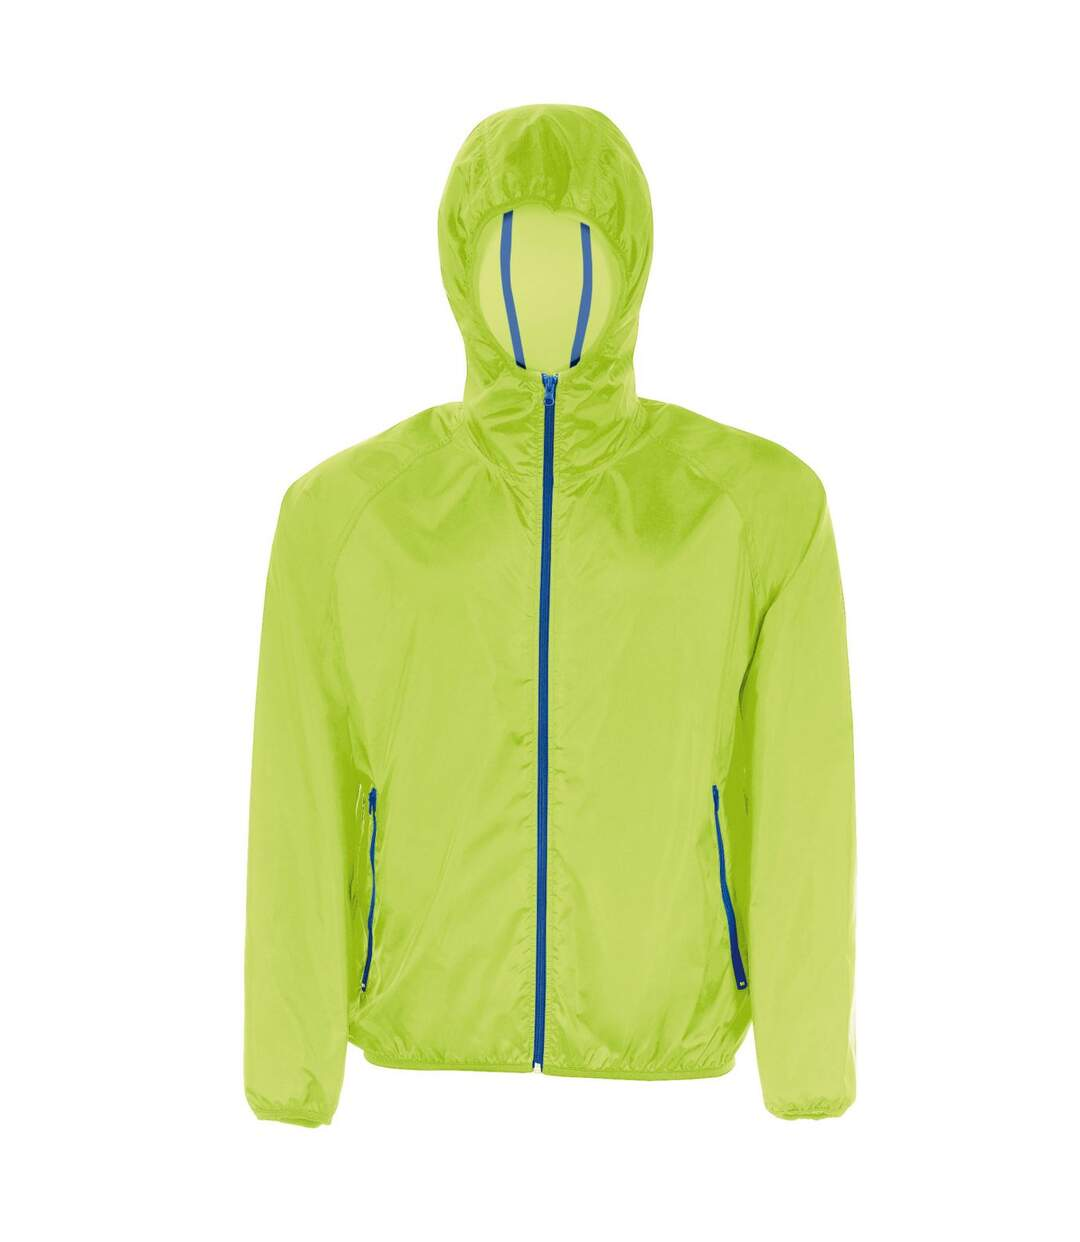 SOLS Unisex Shore Water Resistant Packaway Windbreaker Jacket (Neon Green) - UTPC2154